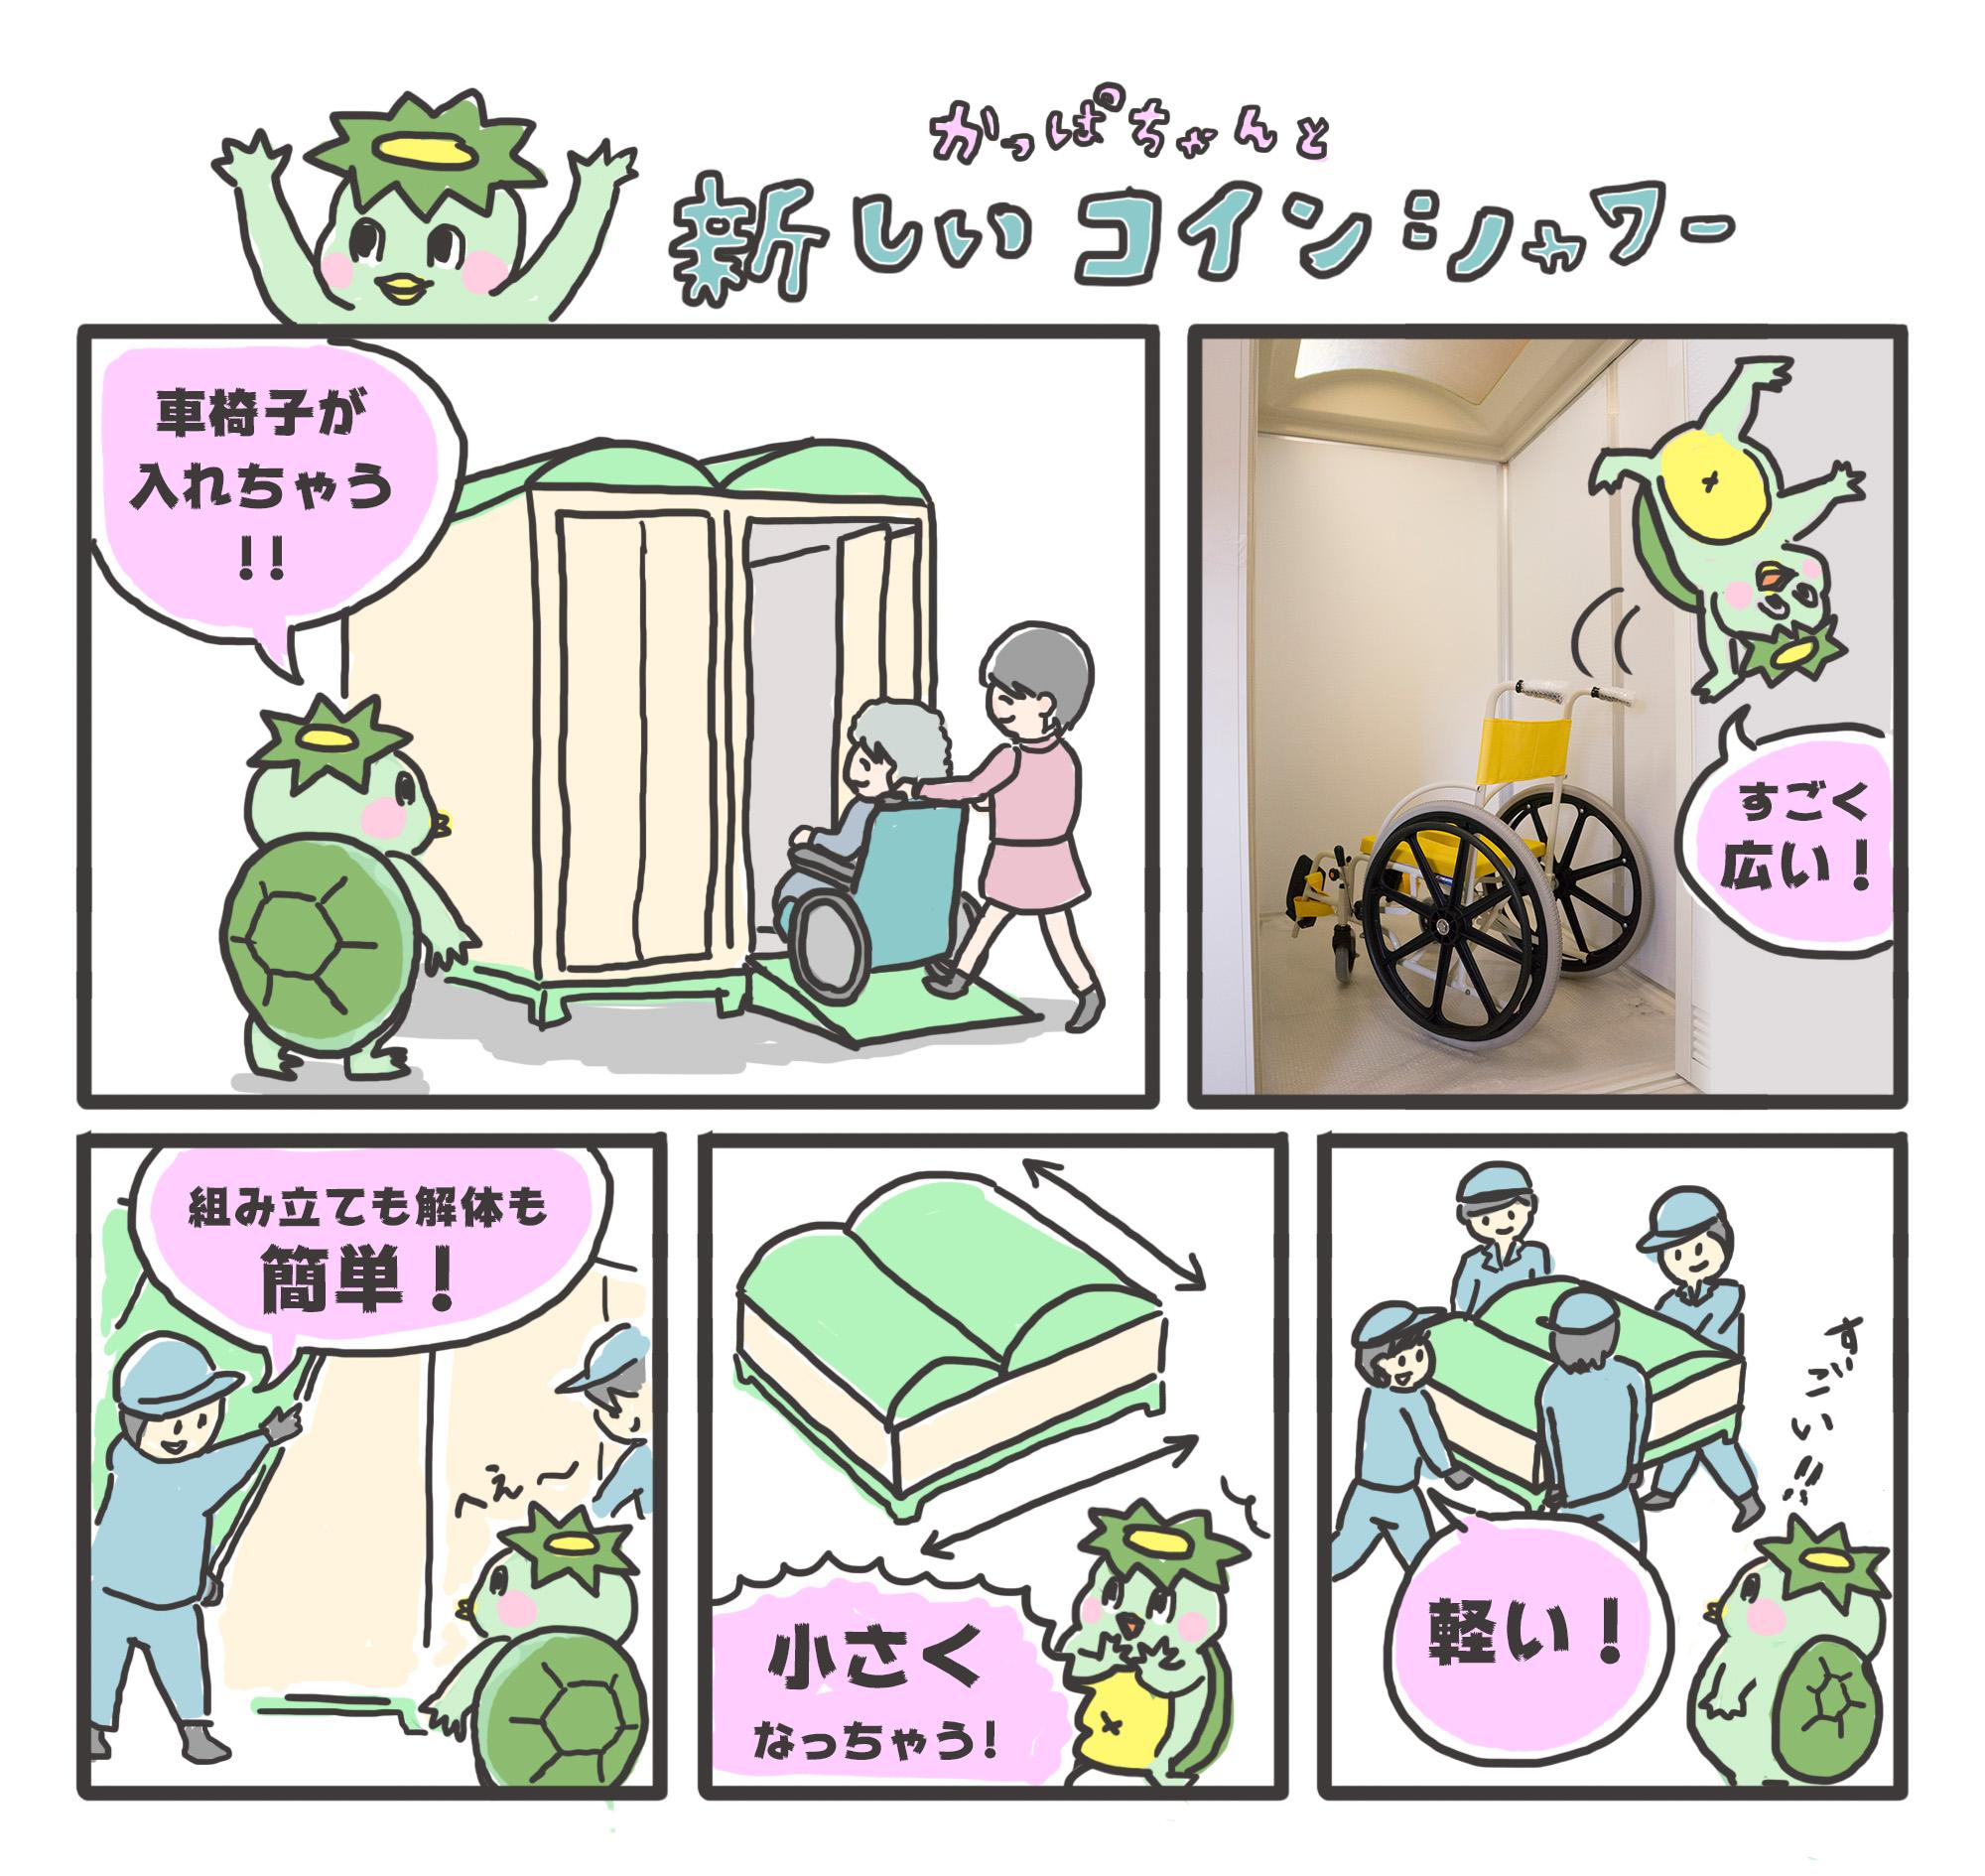 かっぱちゃんマンガ.jpg